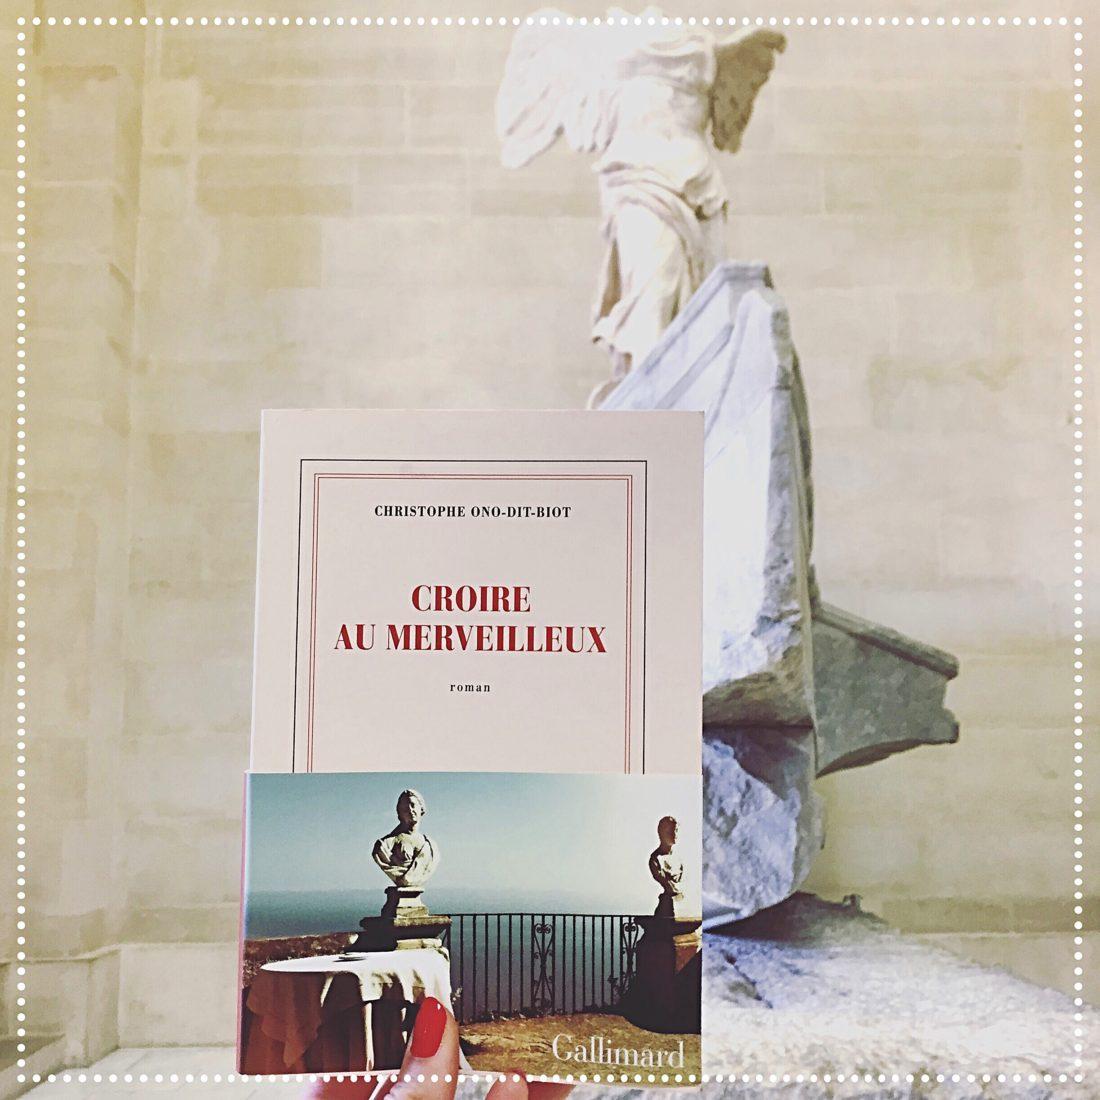 booksnjoy - croire au merveilleux - christophe ono-dit-biot